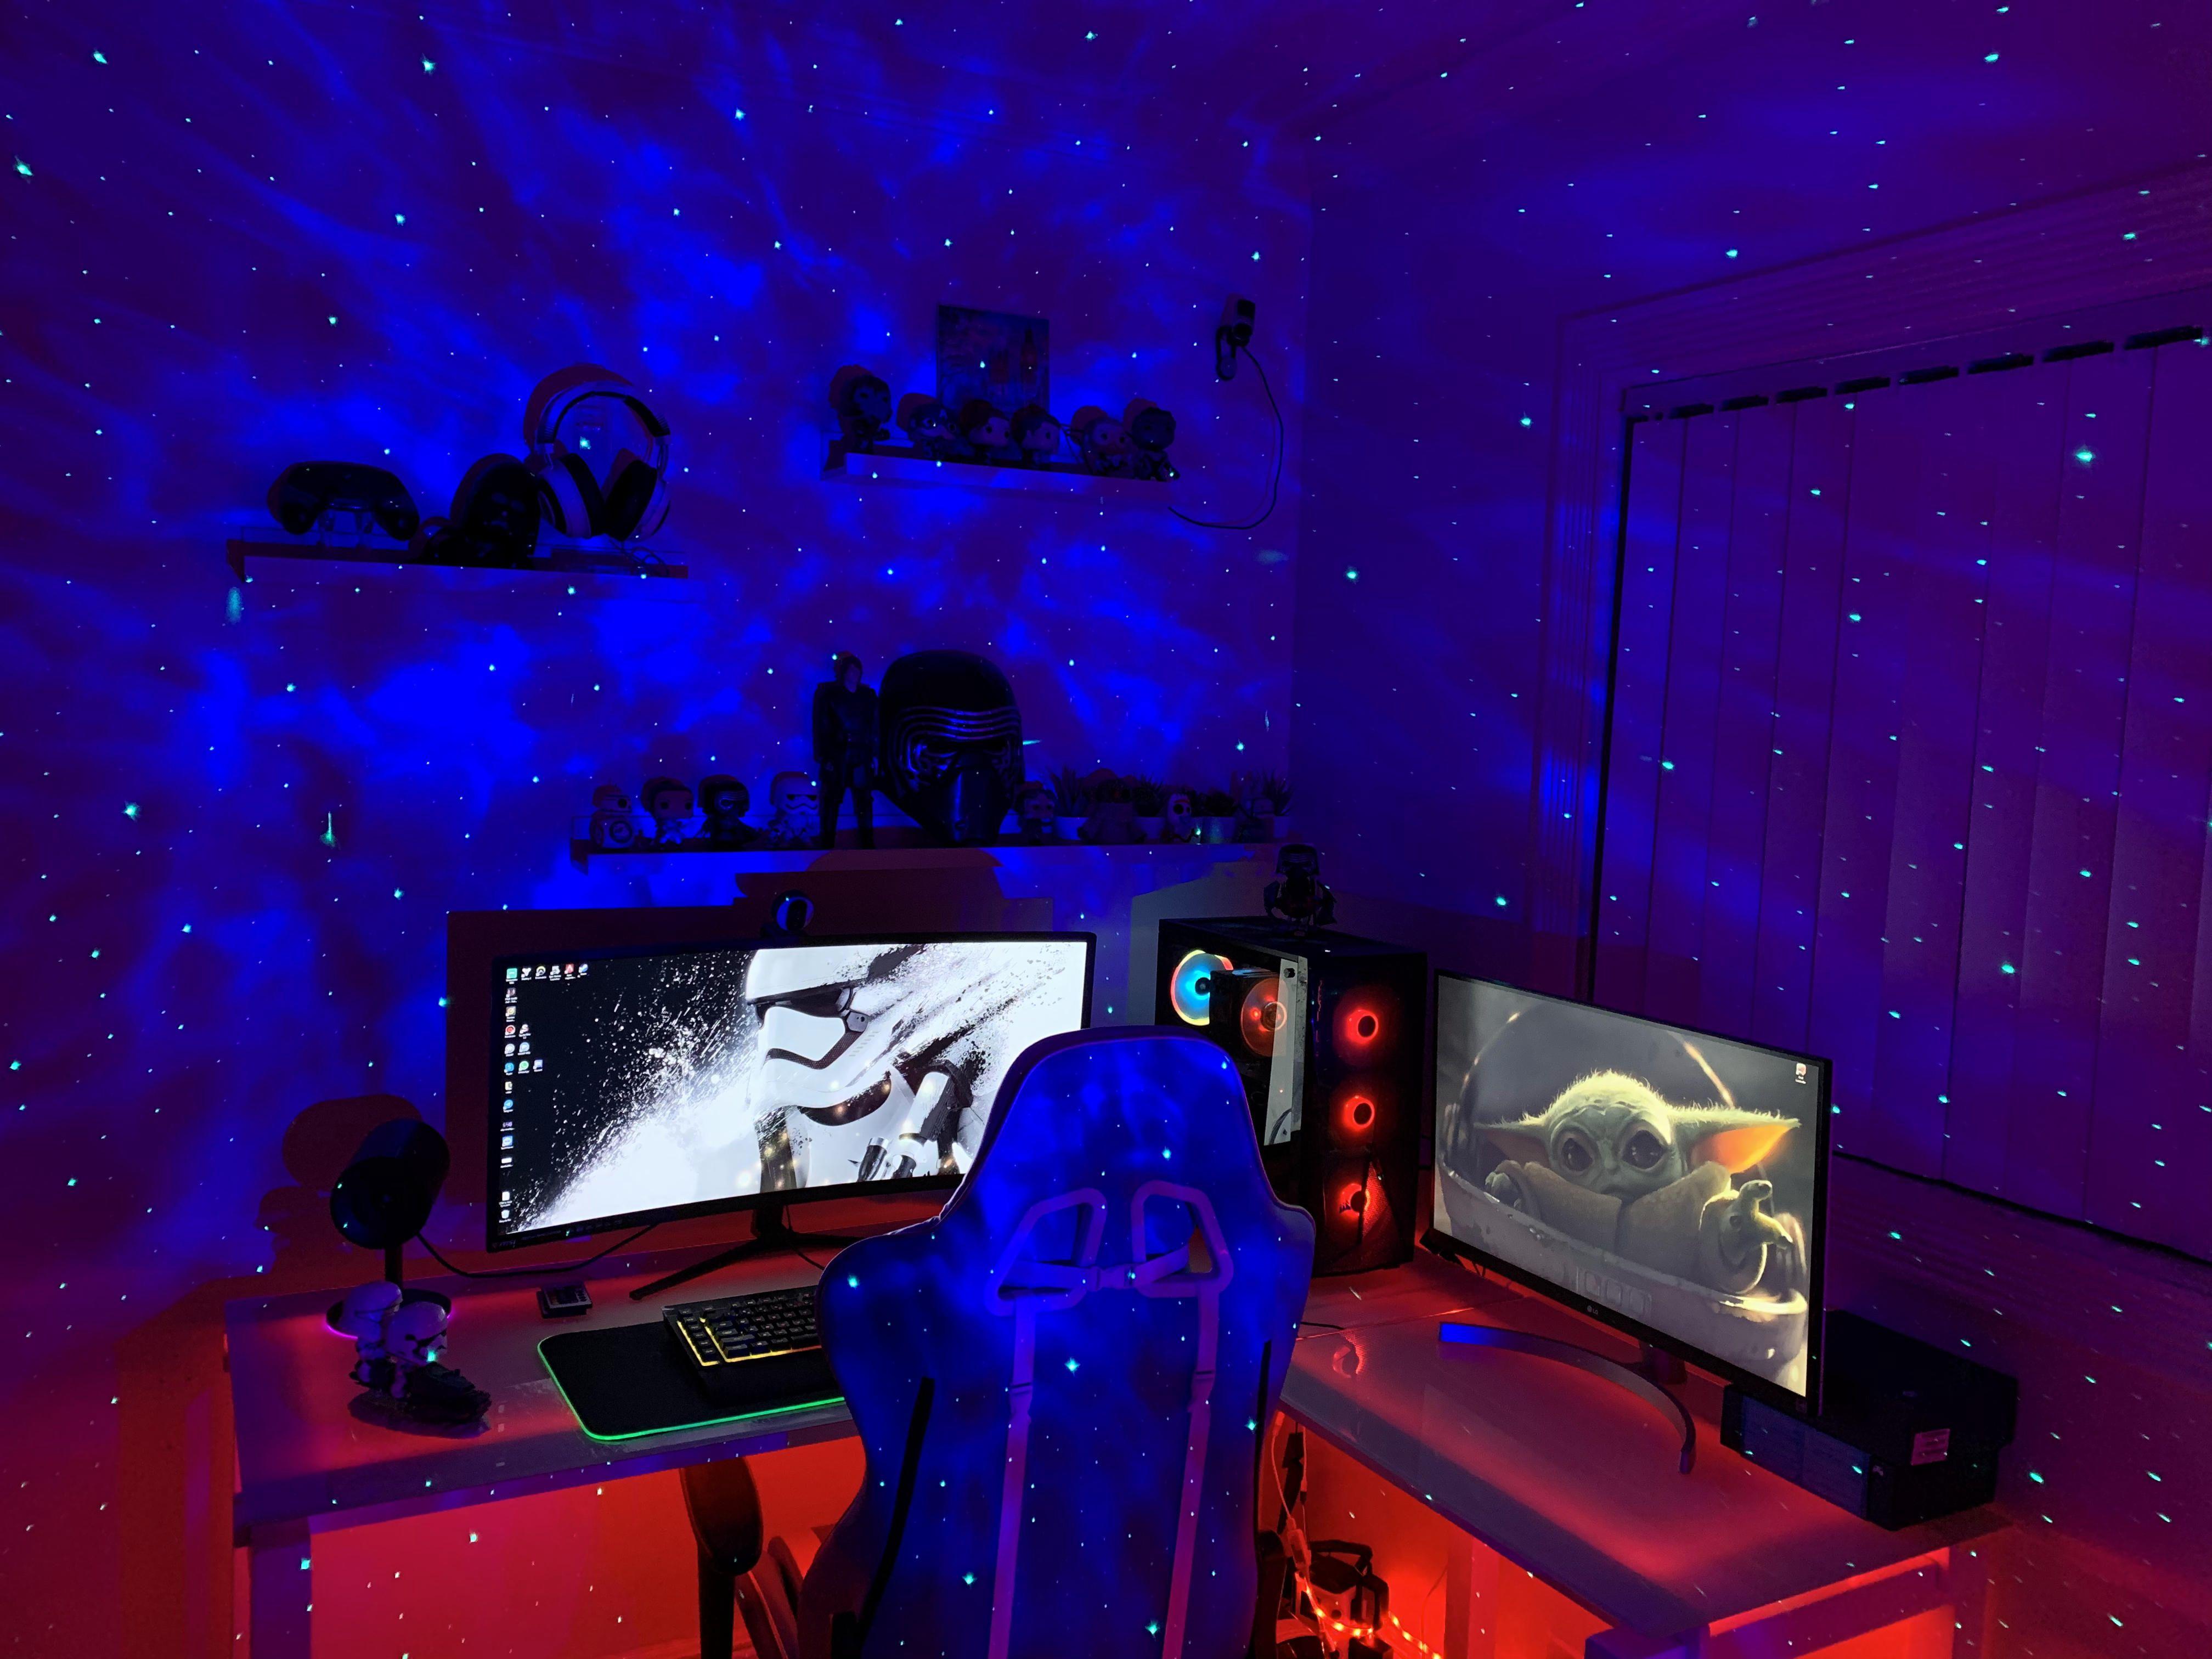 Skylights Bedroom Night Light Blisslights Night Light